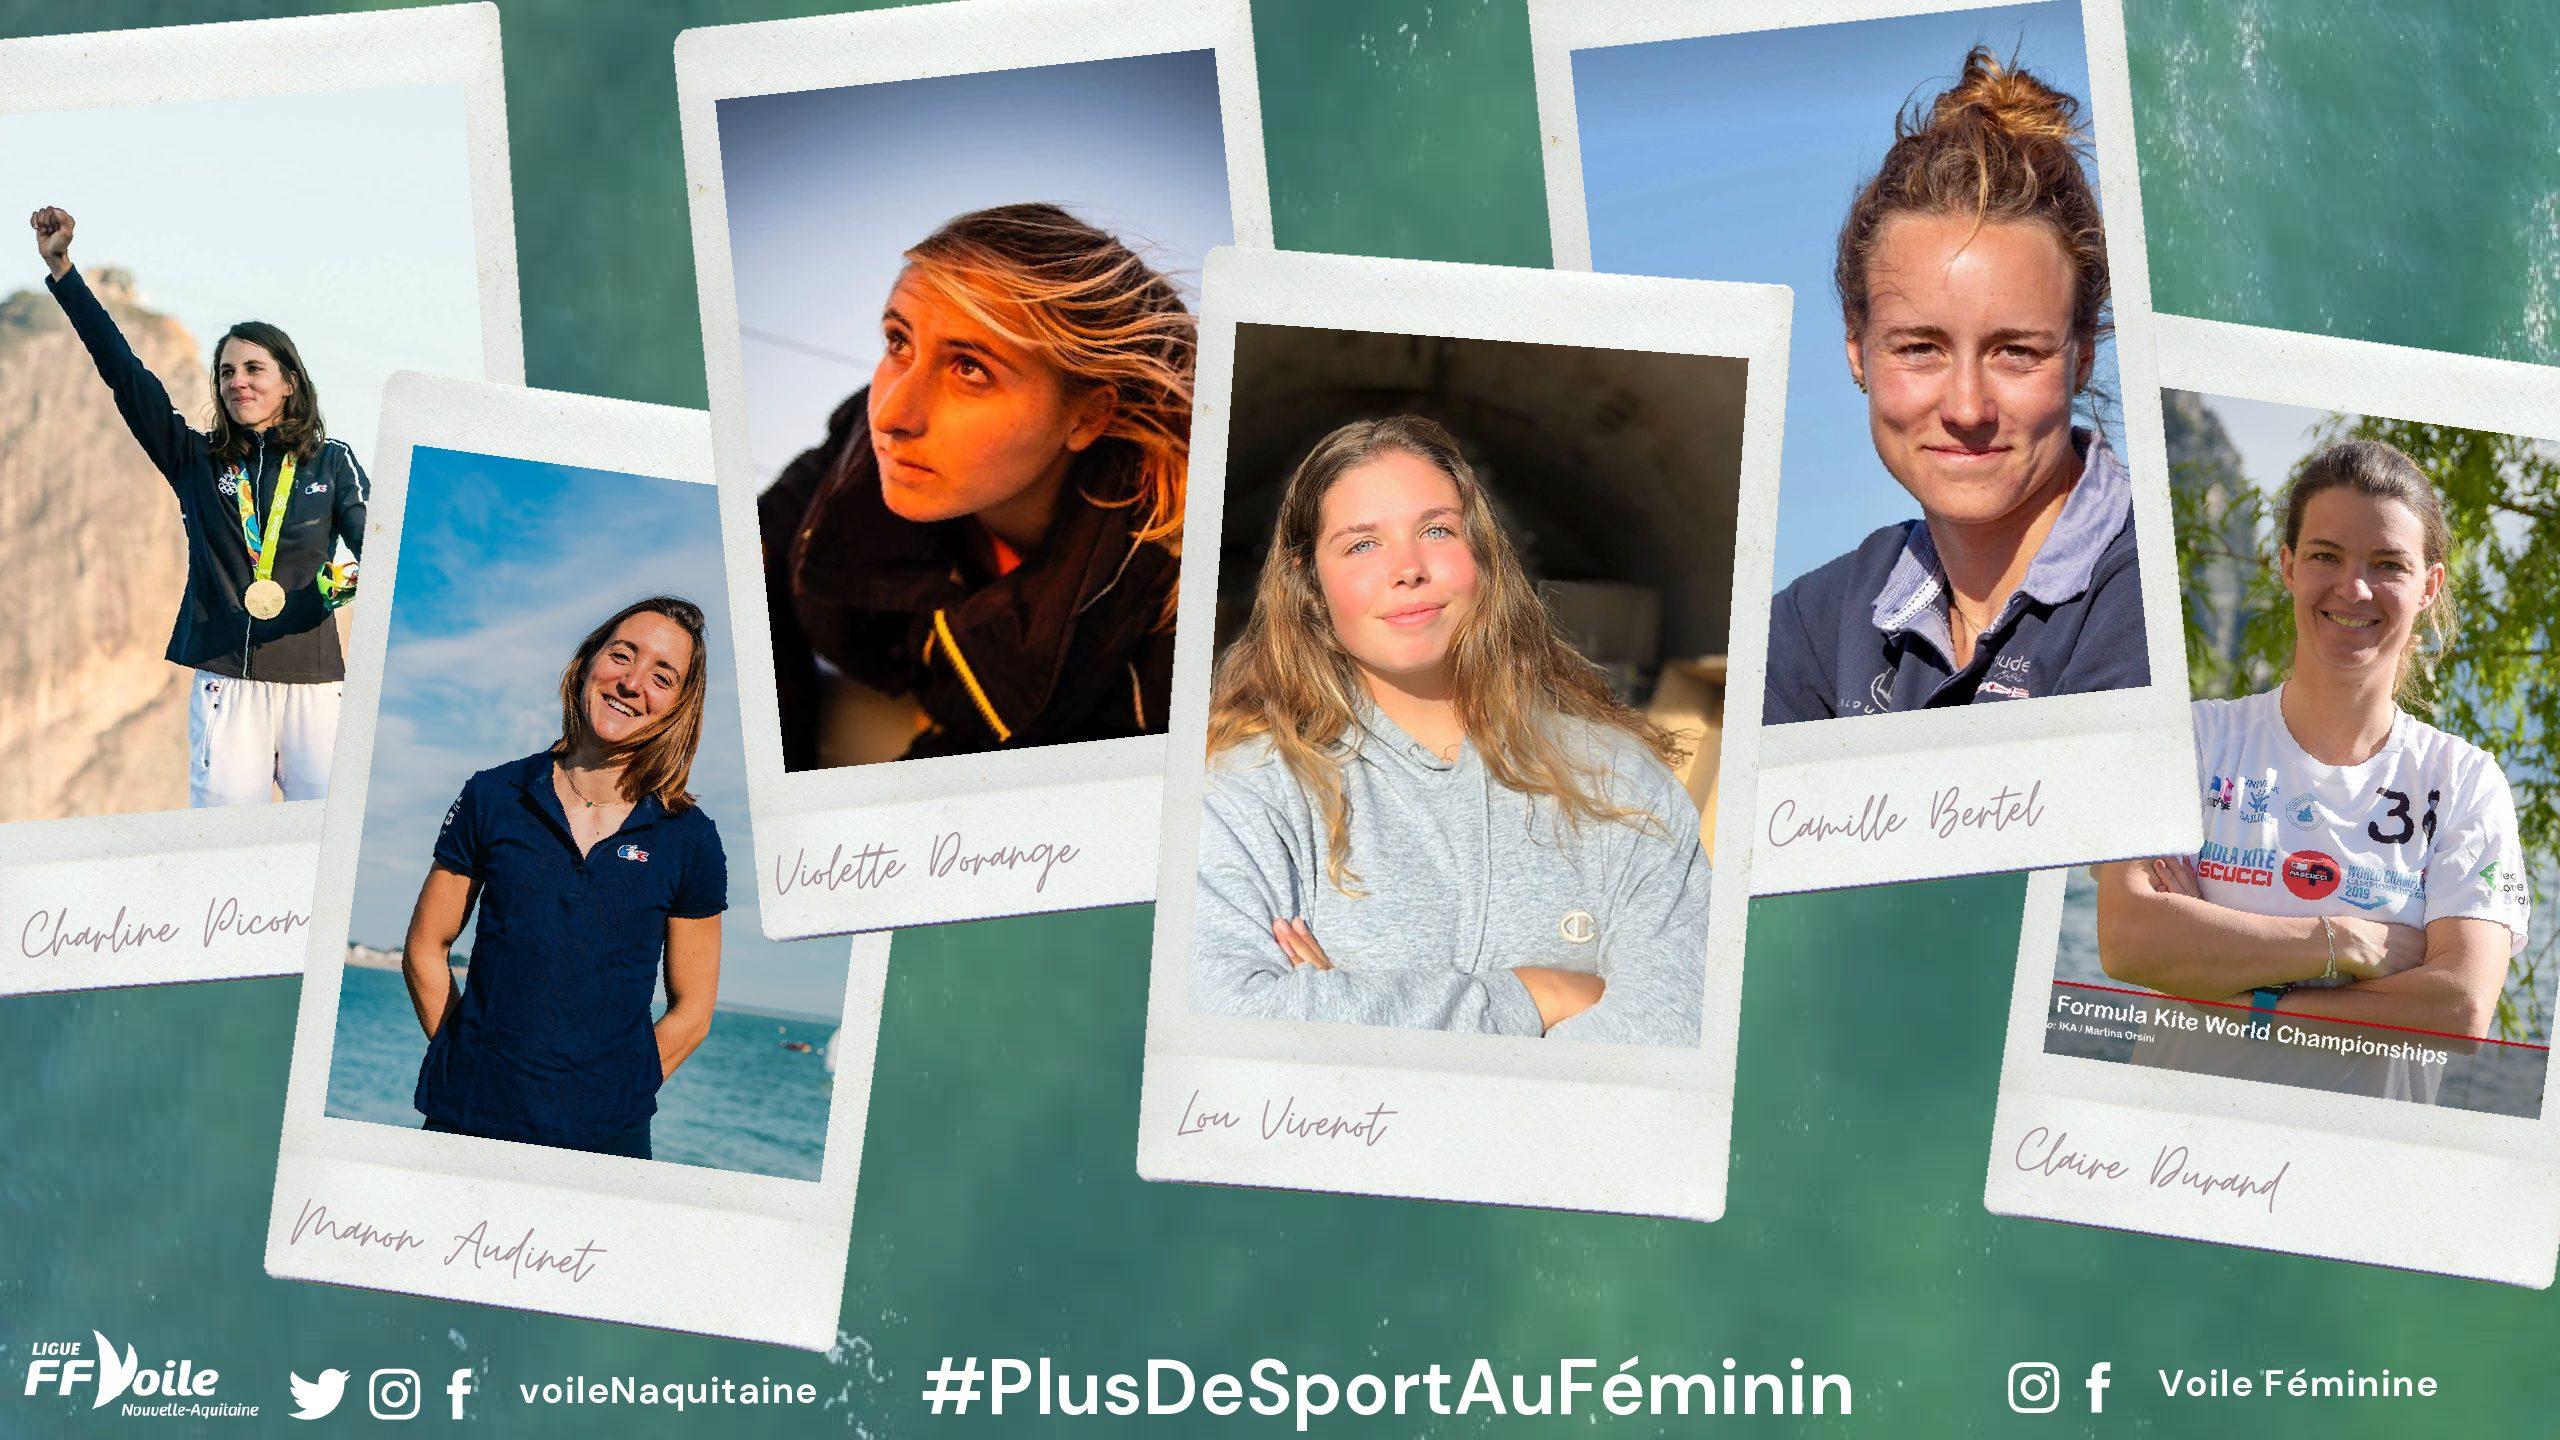 Vous aussi participez à l'opération #PlusDeSportAuFéminin